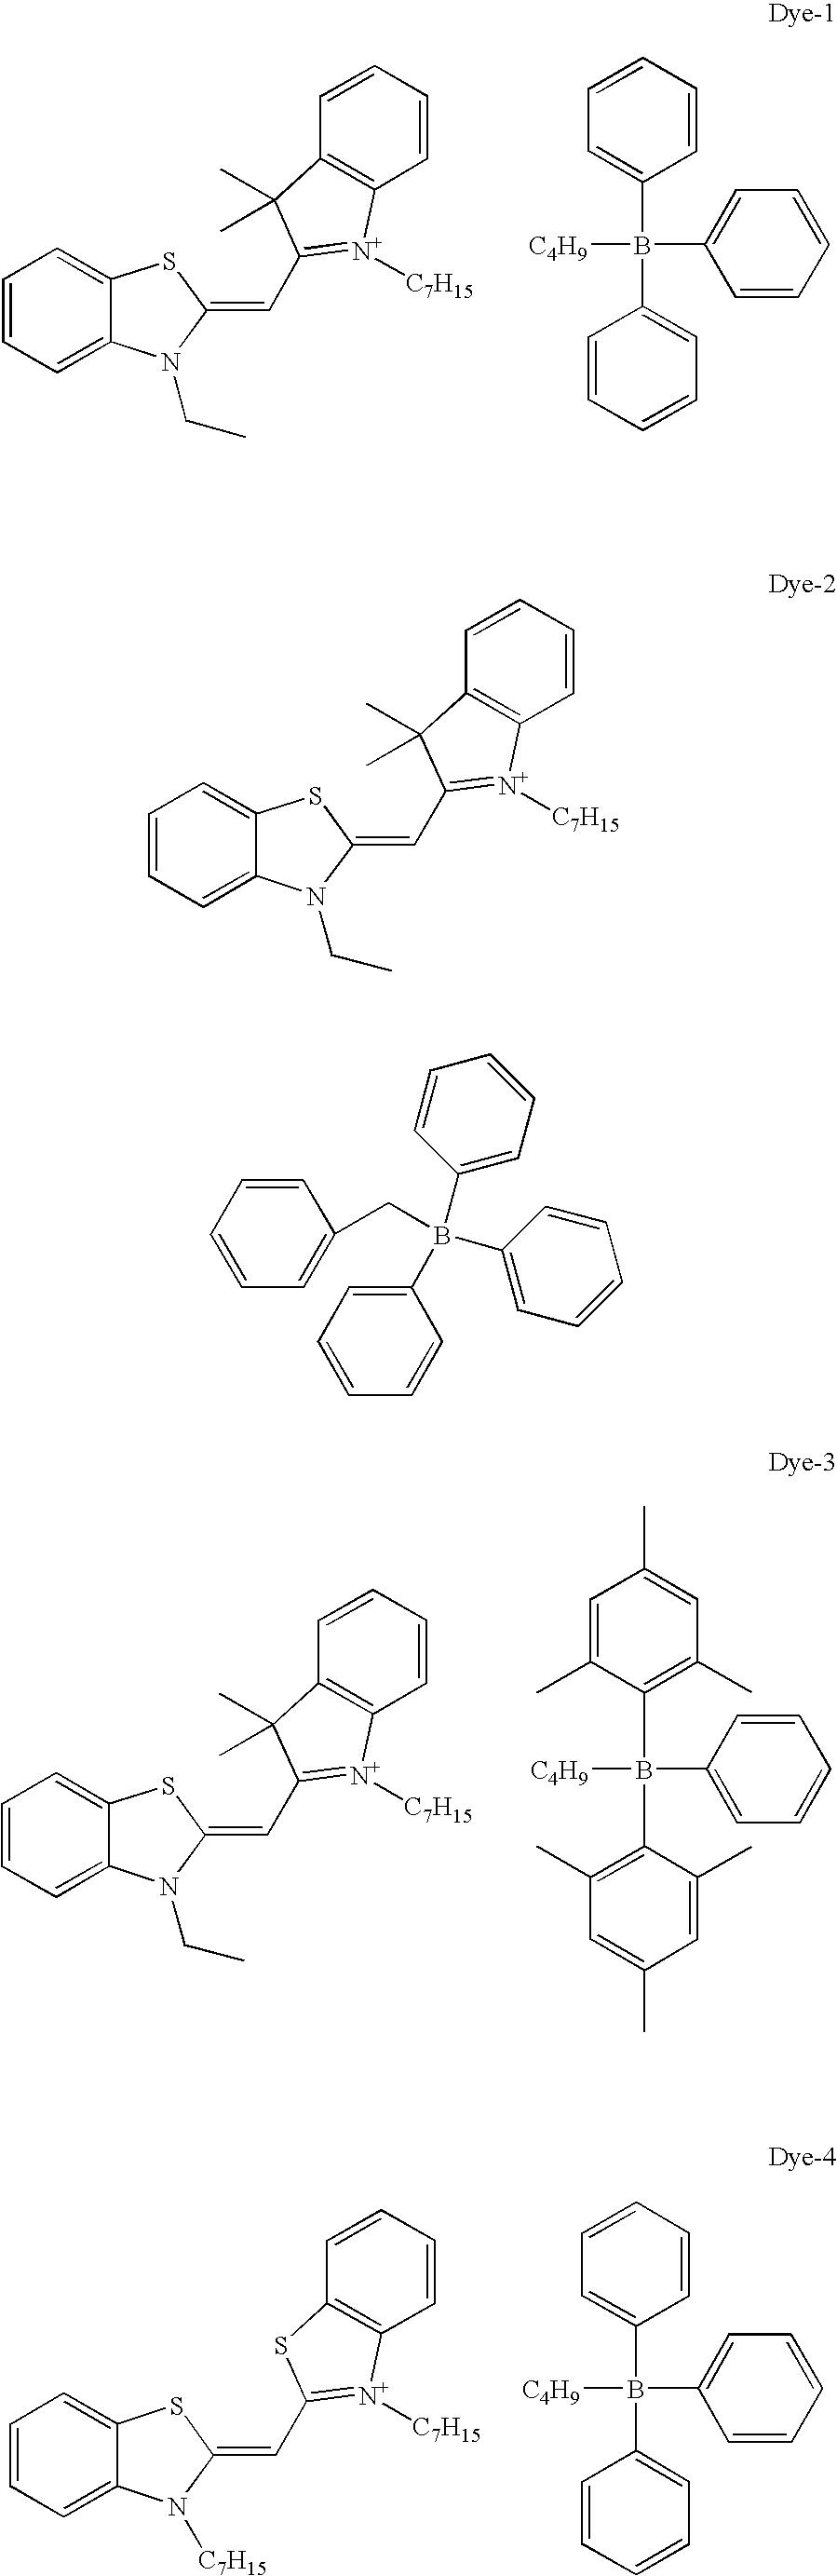 Figure US20050084789A1-20050421-C00001